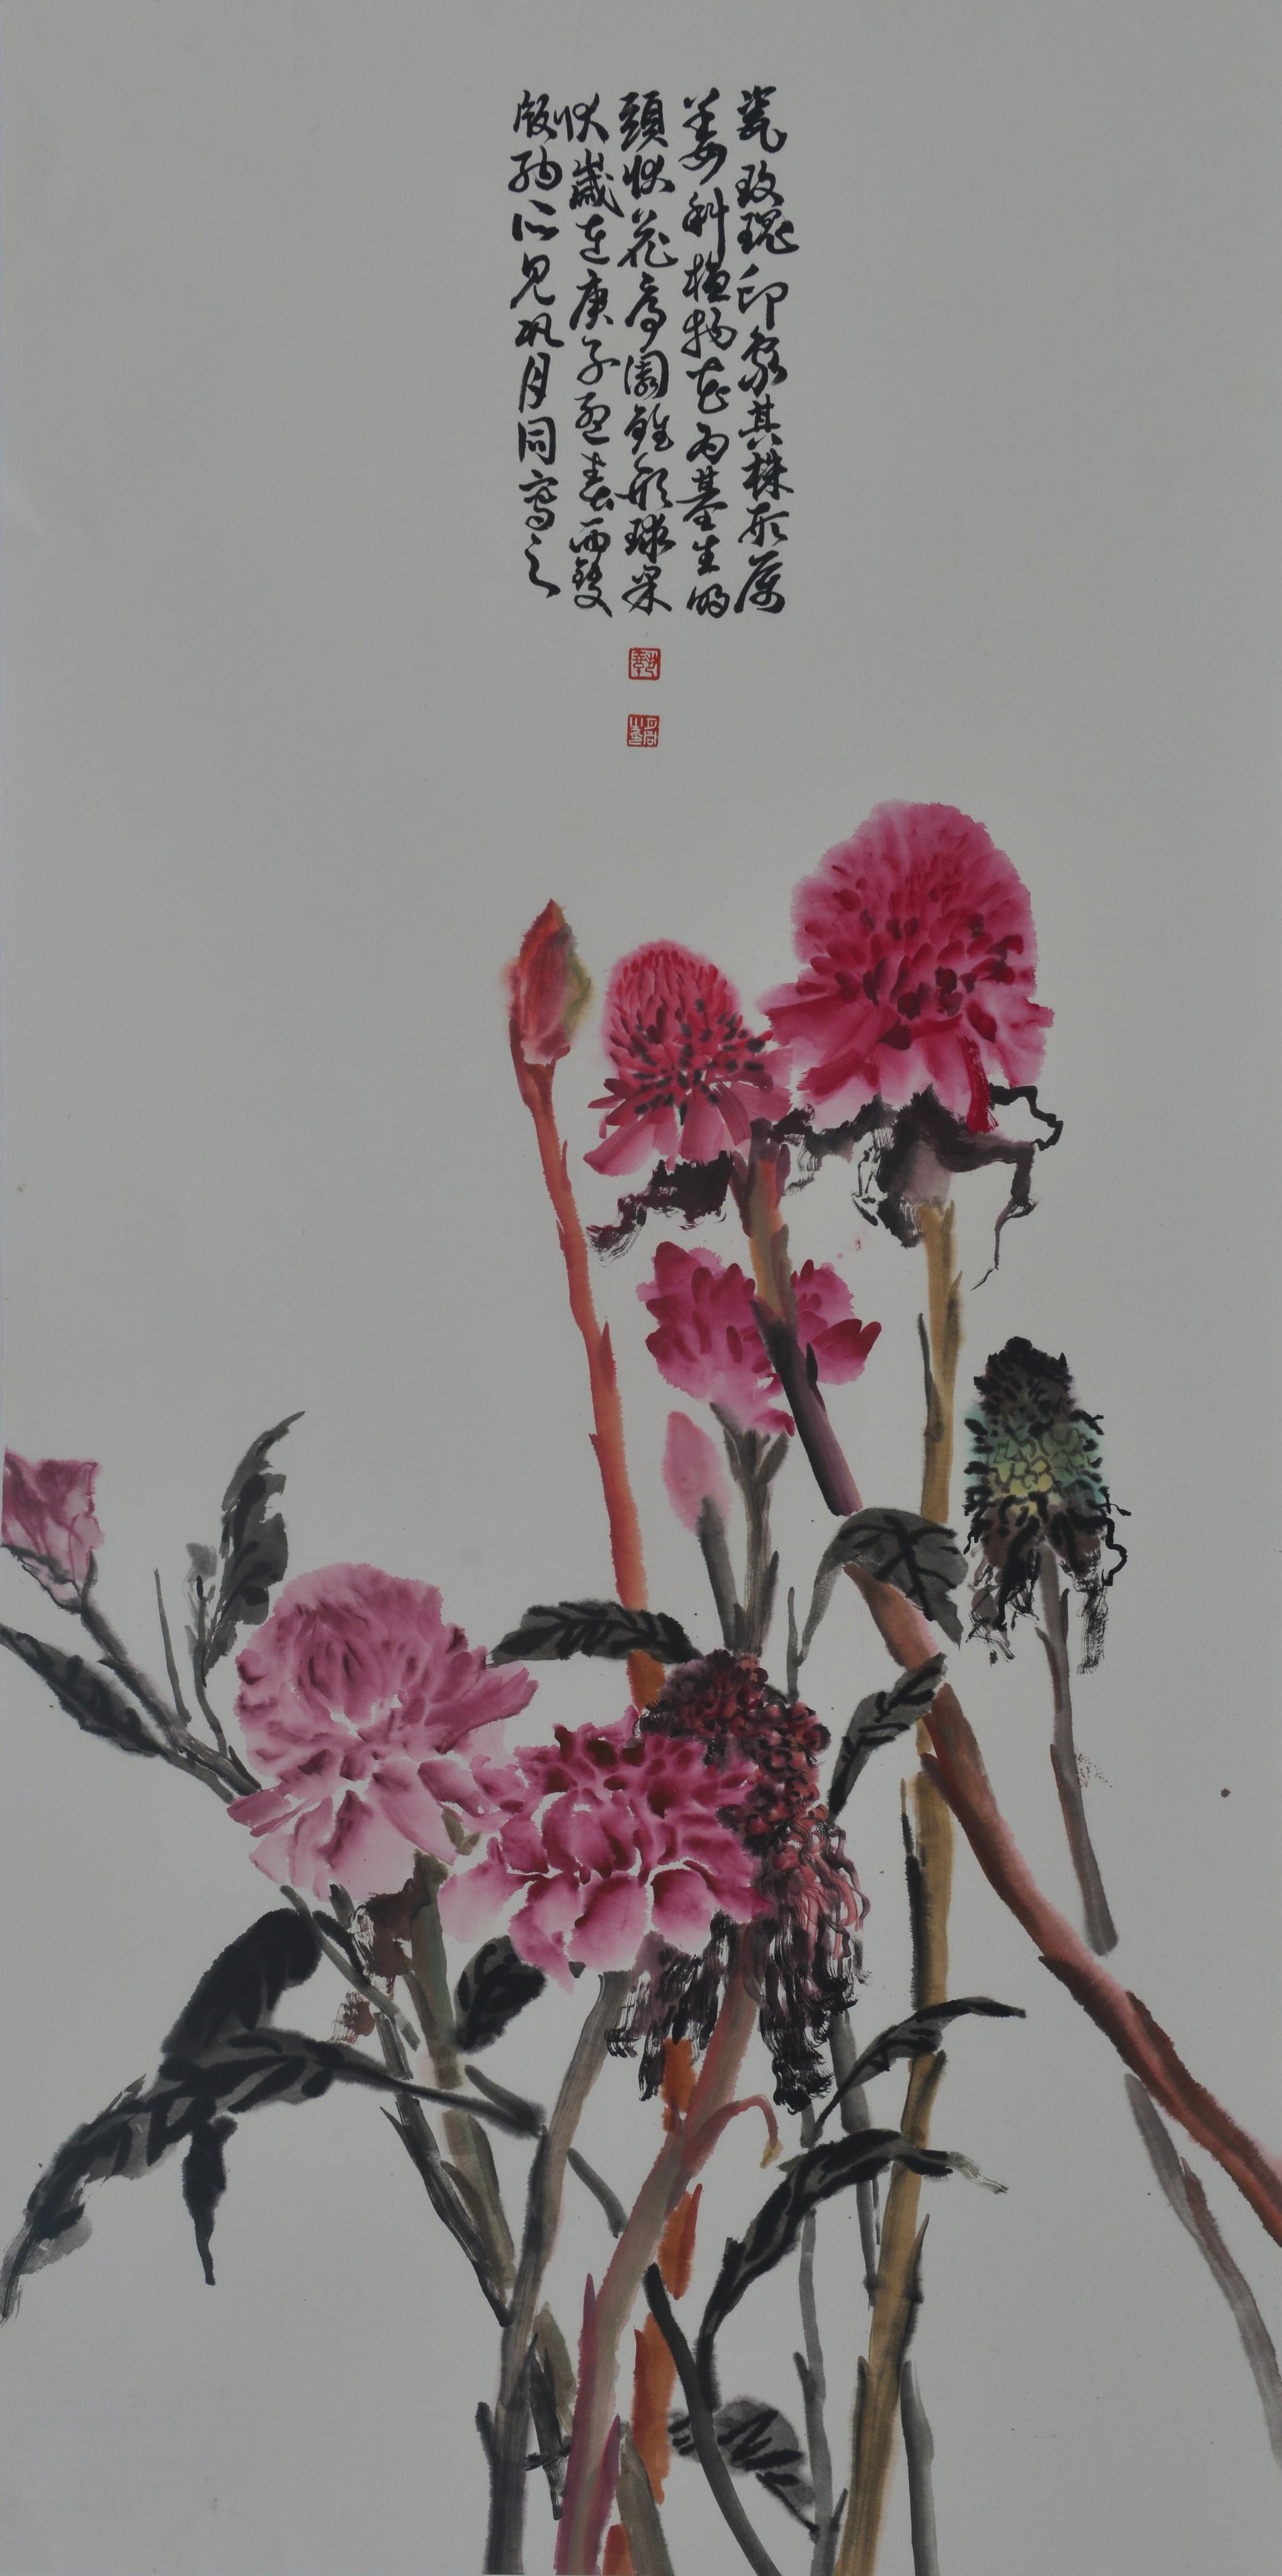 11《瓷玫瑰印象》巩月同